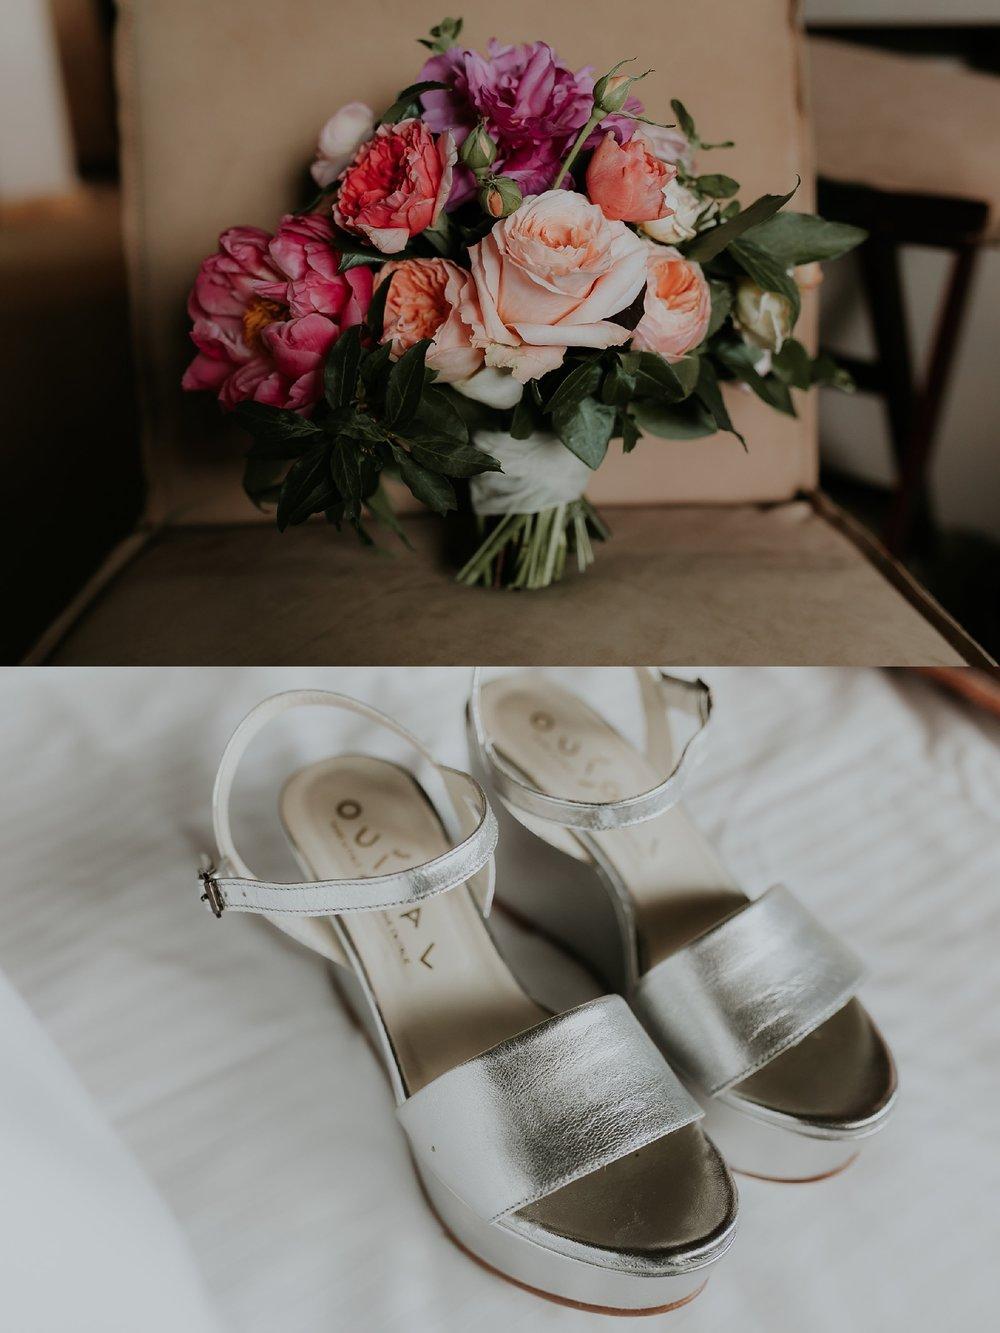 Alicia+lucia+photography+-+albuquerque+wedding+photographer+-+santa+fe+wedding+photography+-+new+mexico+wedding+photographer+-+new+mexico+wedding+-+wedding+photographer+-+wedding+photographer+team_0171.jpg